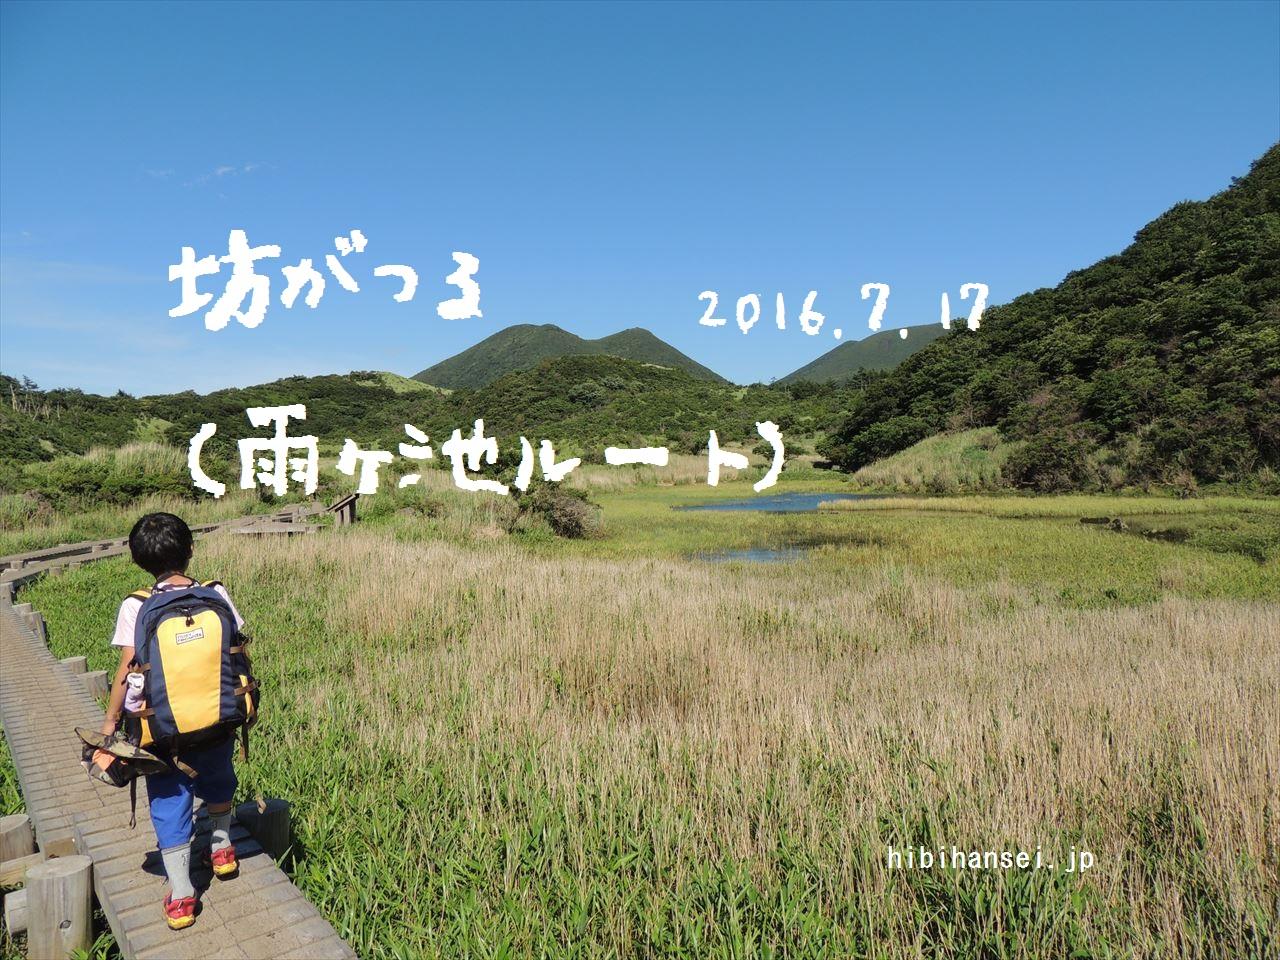 坊ガツル 登山(雨ヶ池越ルート) 九重の懐へ夏休み先取りのテント泊(2016.7.17)